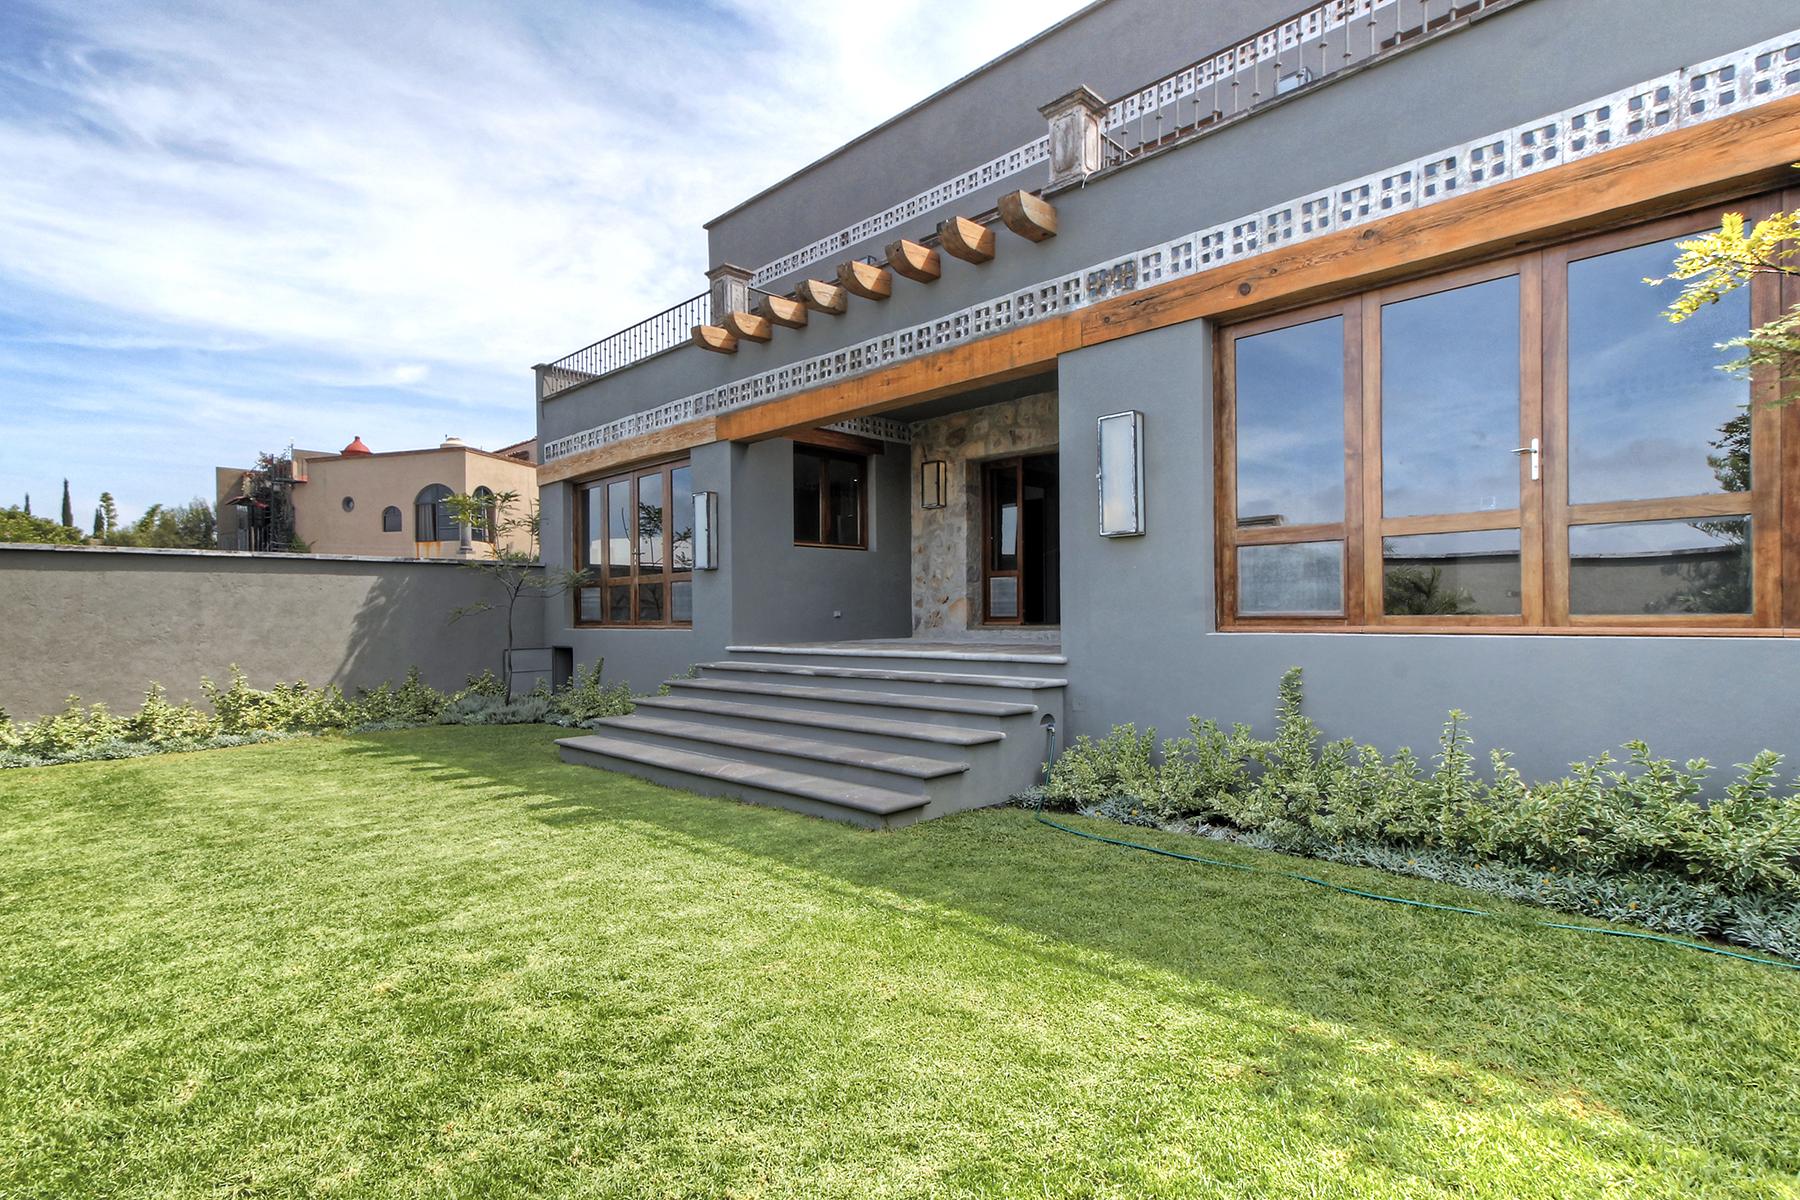 Single Family Home for Sale at Palma de Mallorca Other Guanajuato, Guanajuato 37710 Mexico